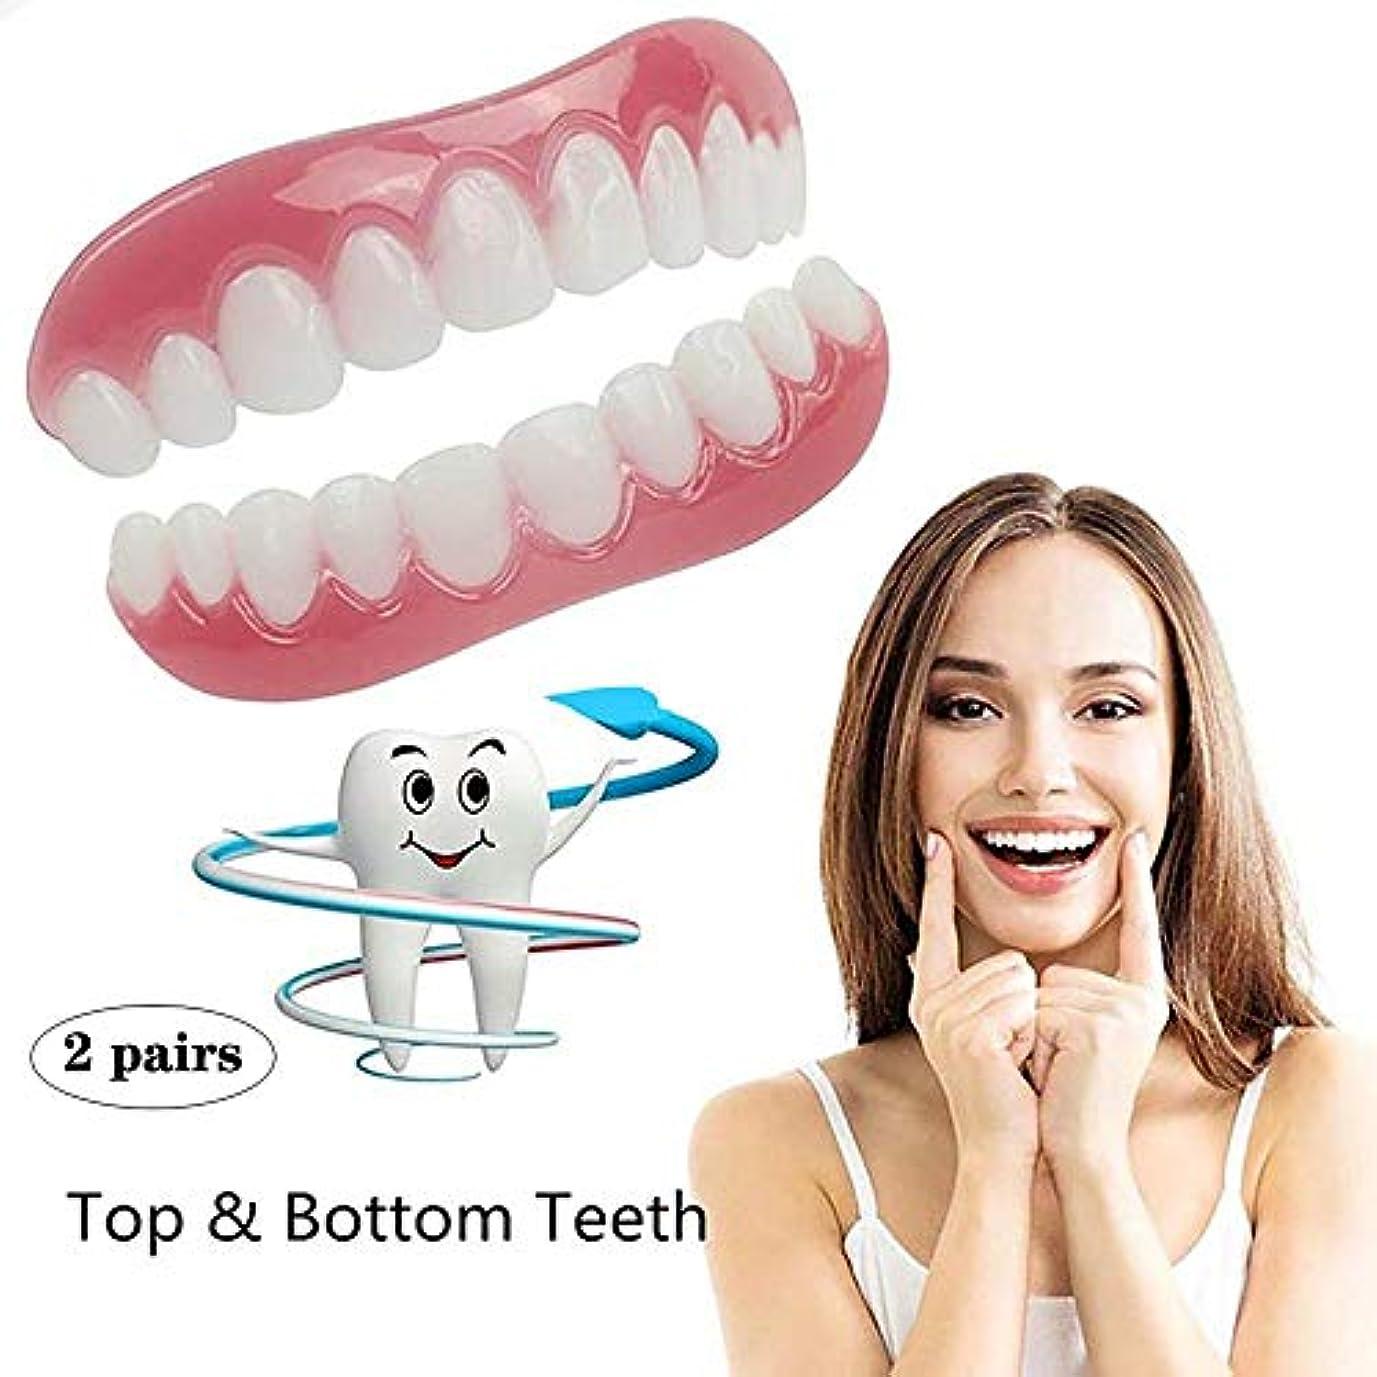 不透明な本当のことを言うとすずめ2対の歯のベニヤ化粧品の歯のスナップオンセキュアアッパーロアフレックスデンタルベニア義歯ケアファッション